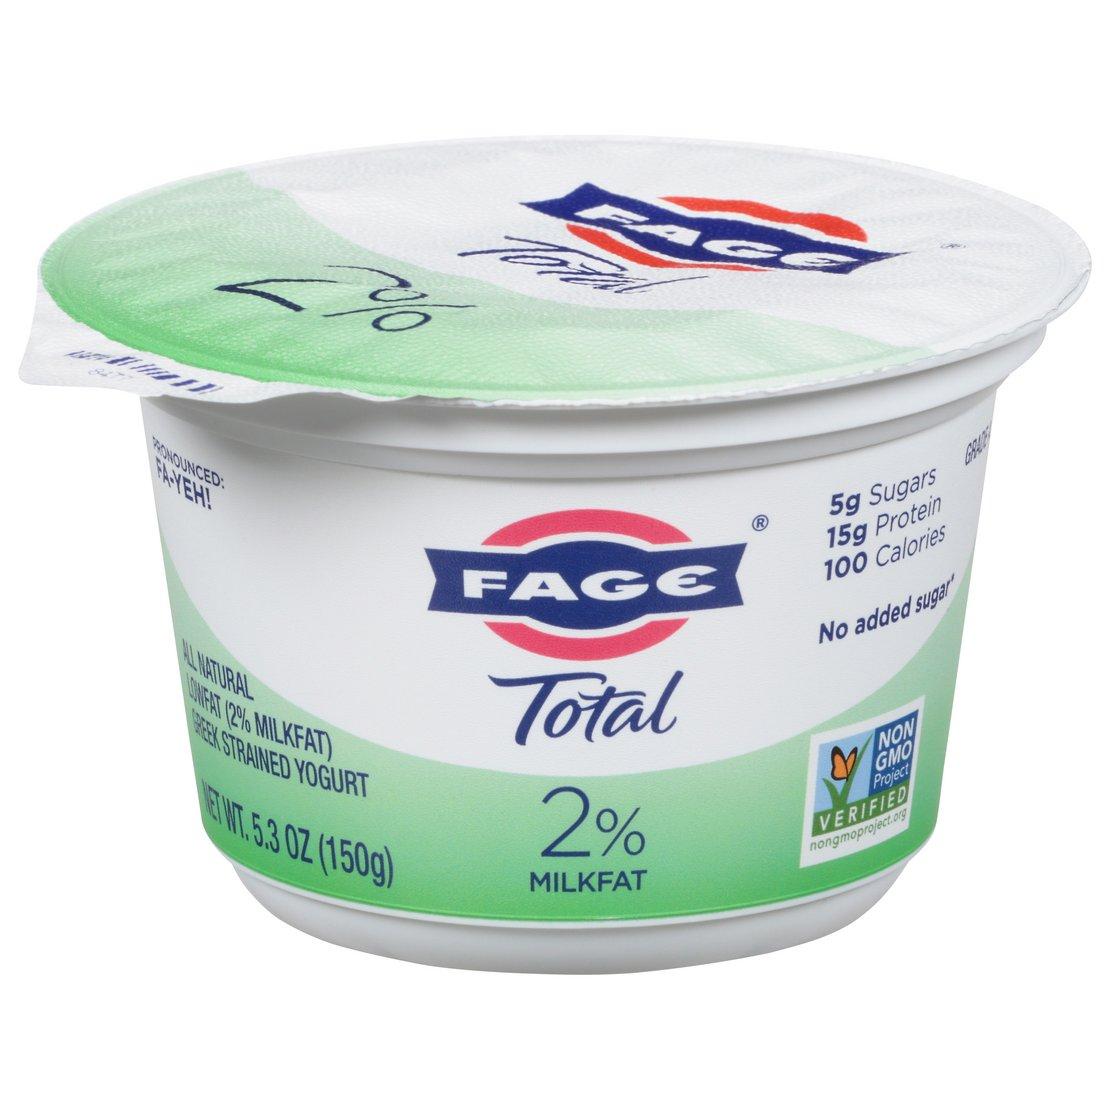 Fage Total 2 Low Fat Plain Greek Yogurt Shop Yogurt At H E B